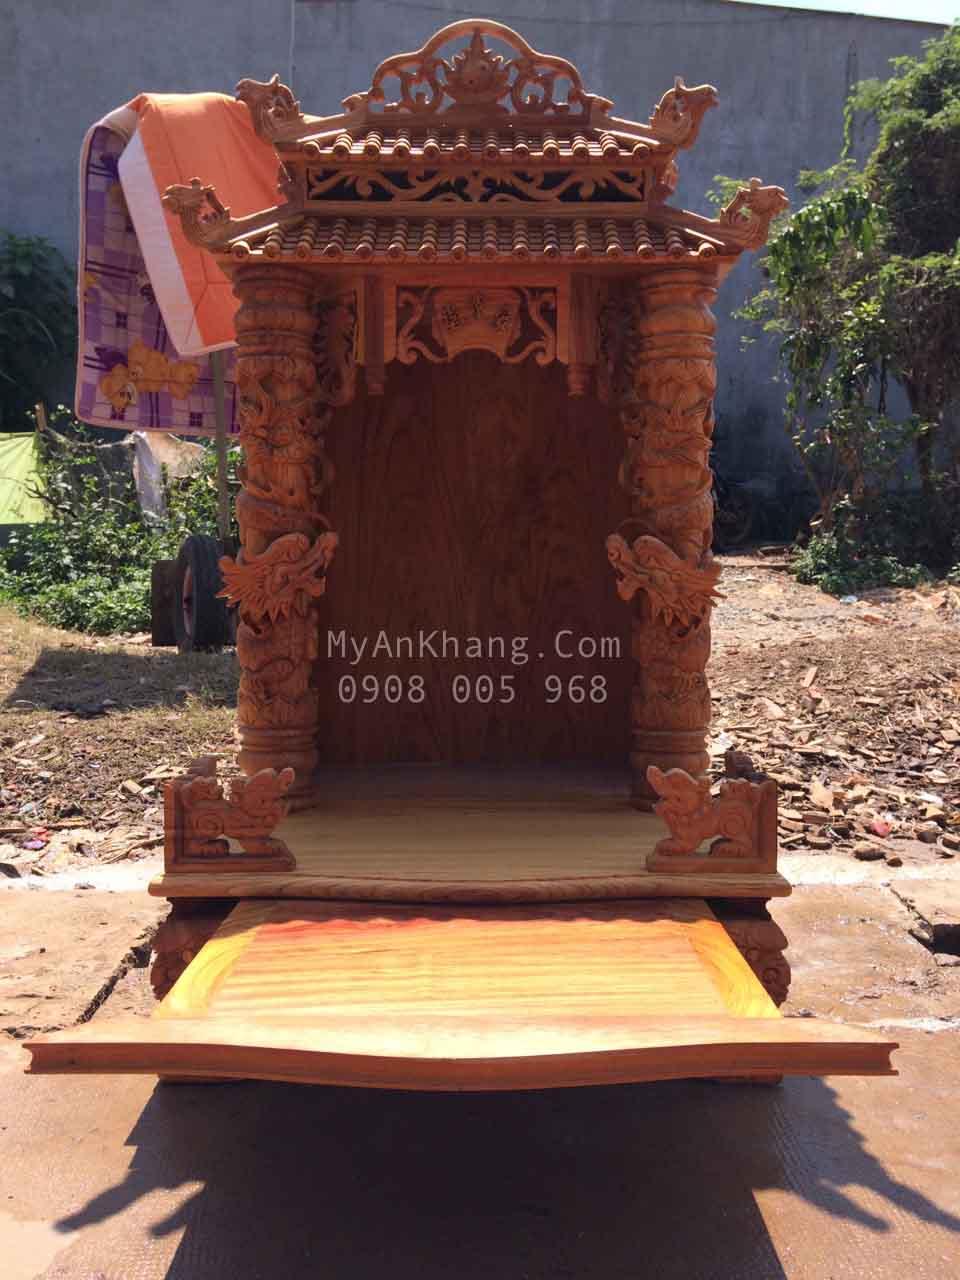 Bàn thờ ông địa thần tài mái chùa 60 118 đẹp